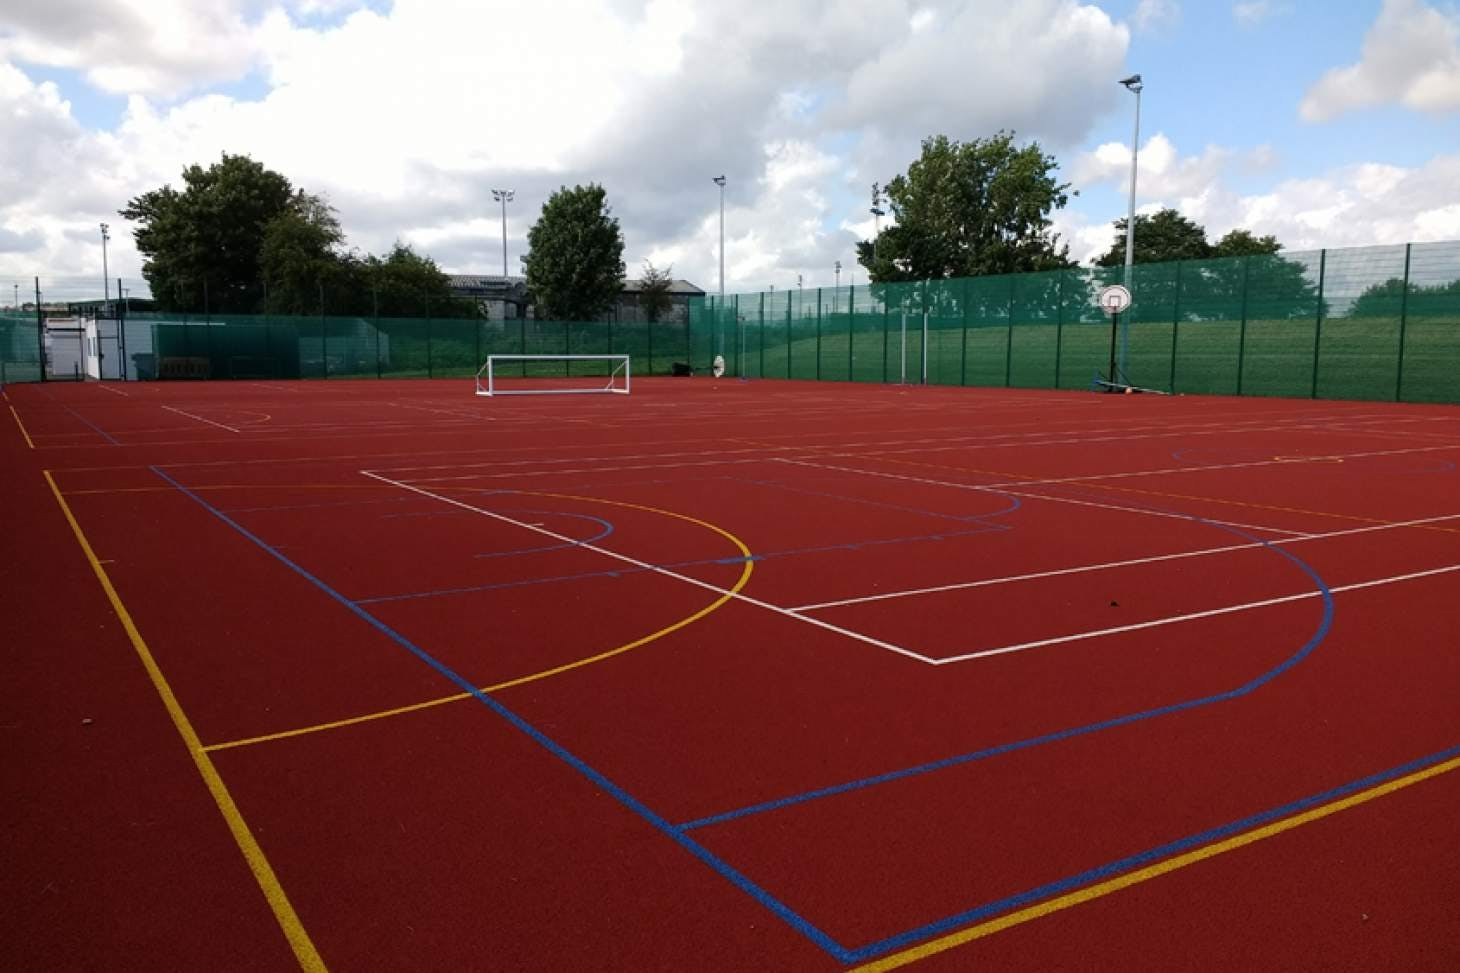 Oasis Academy Arena Outdoor | Hard (macadam) tennis court